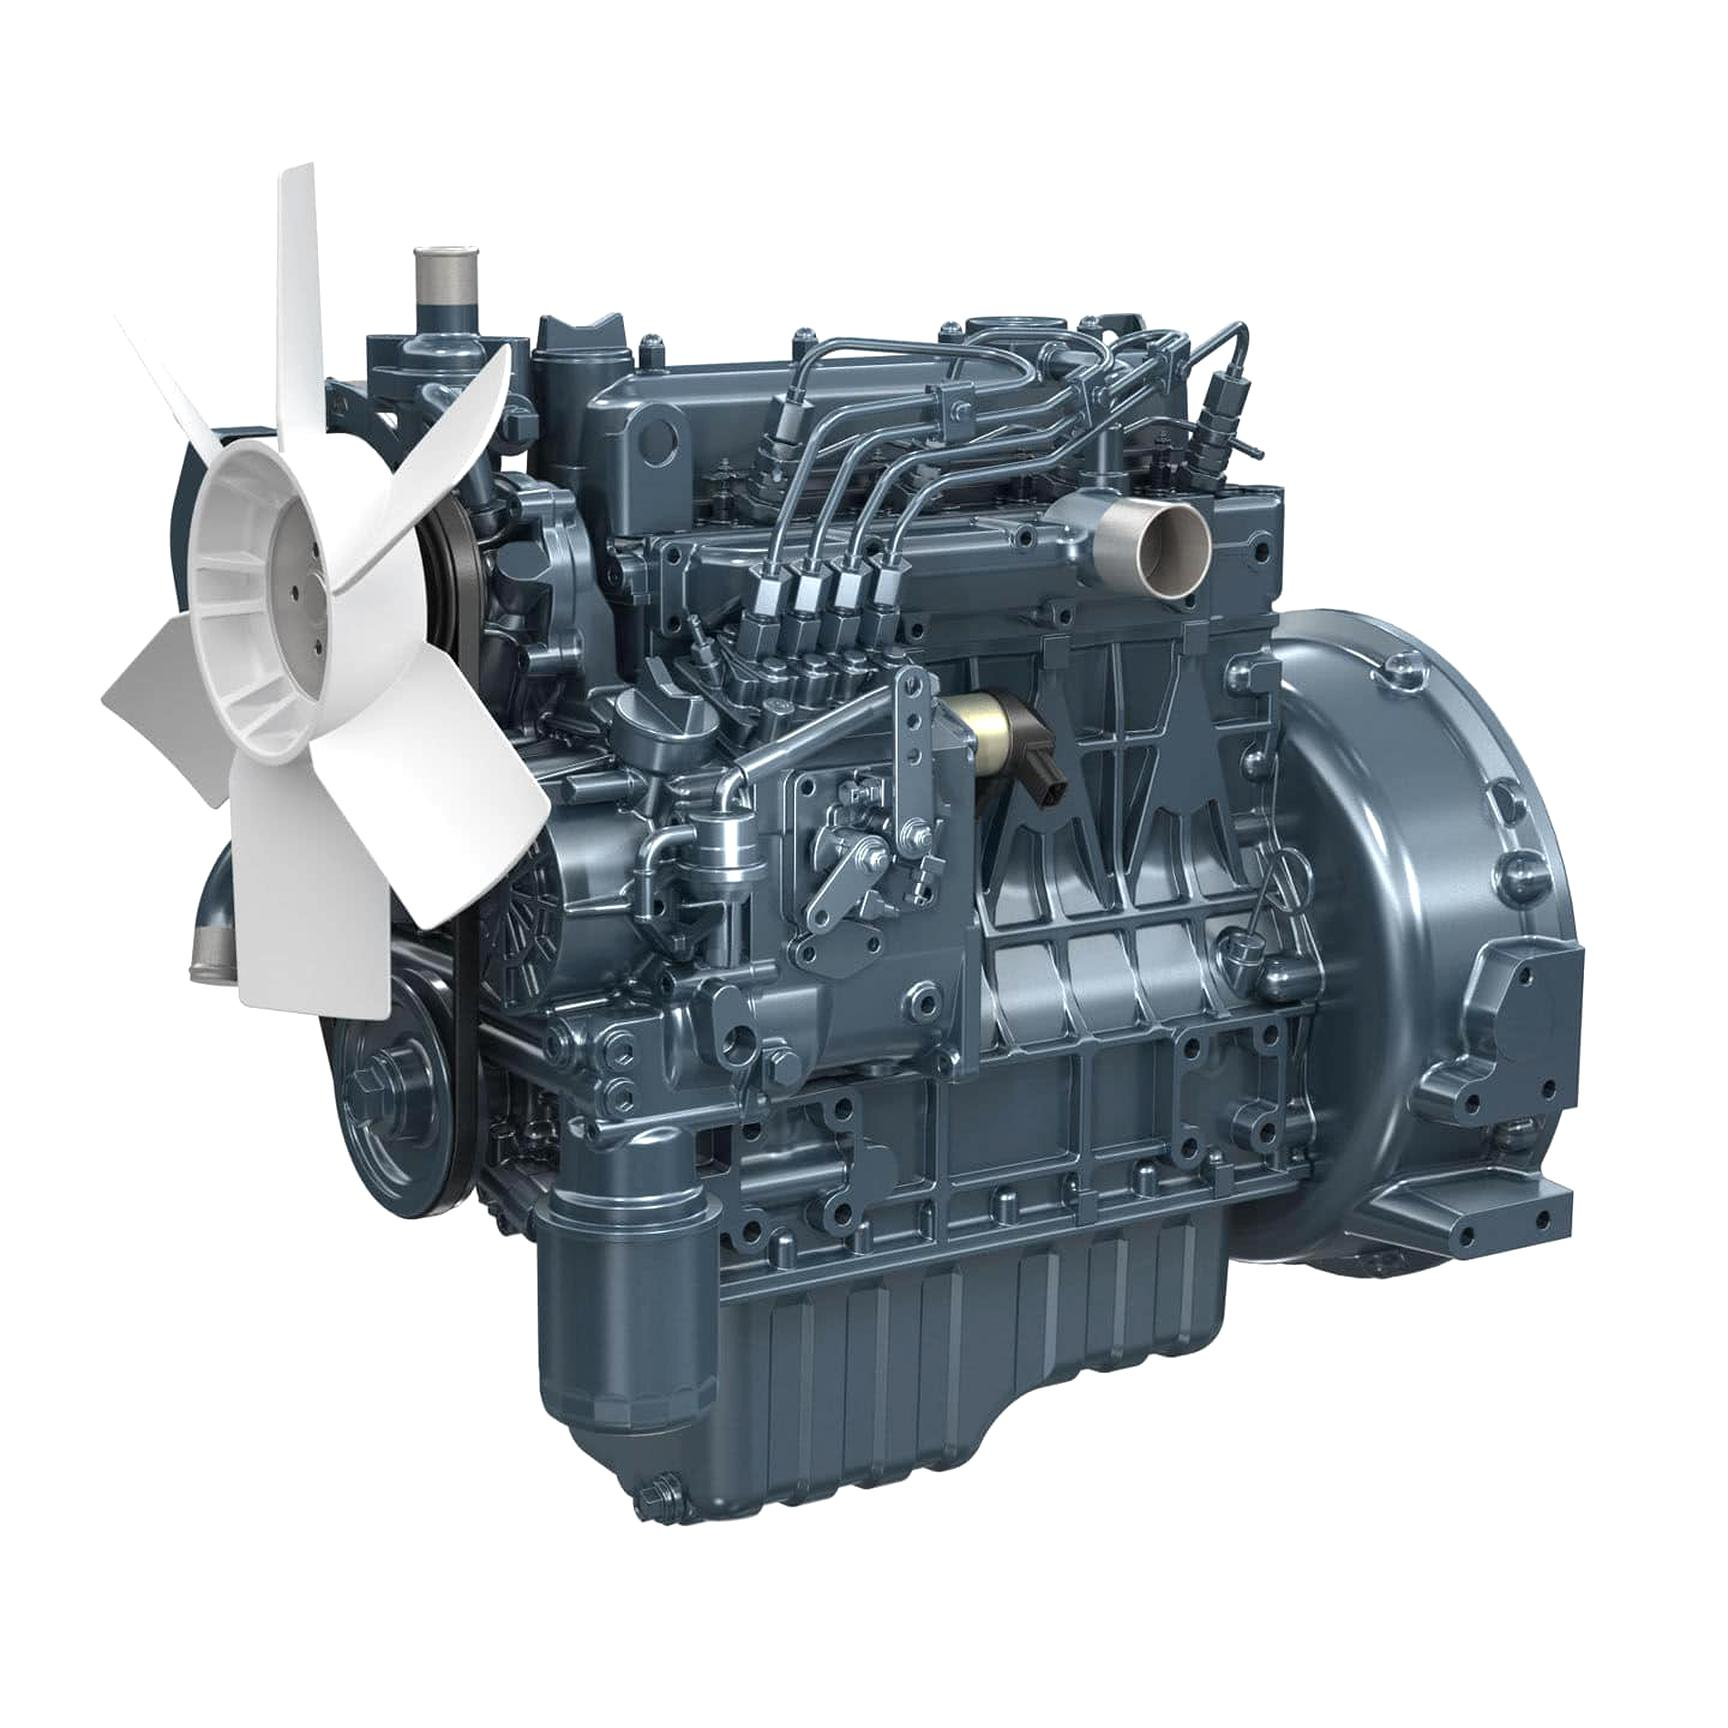 moteur kubota v1505 d'occasion